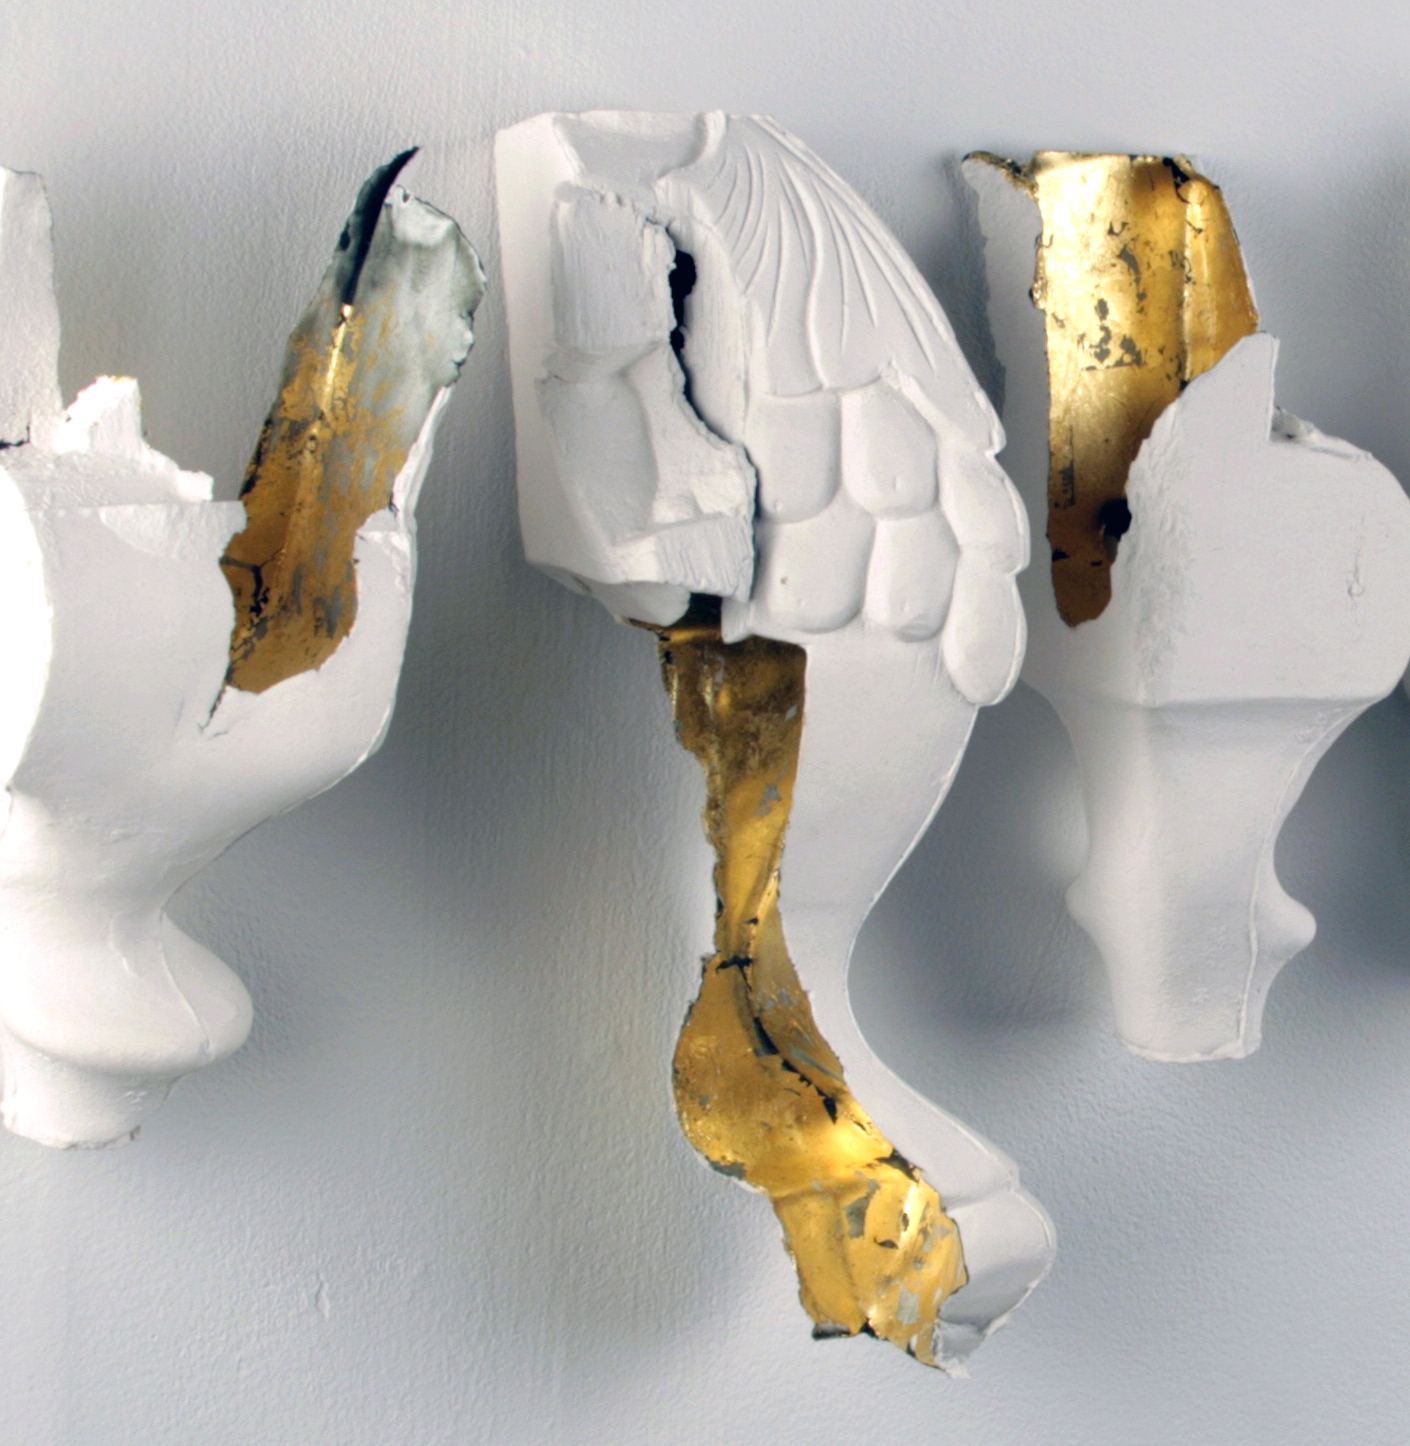 WHAT GETS KEPT (detail) - porcelain / slip-cast / gold leaf / 2013